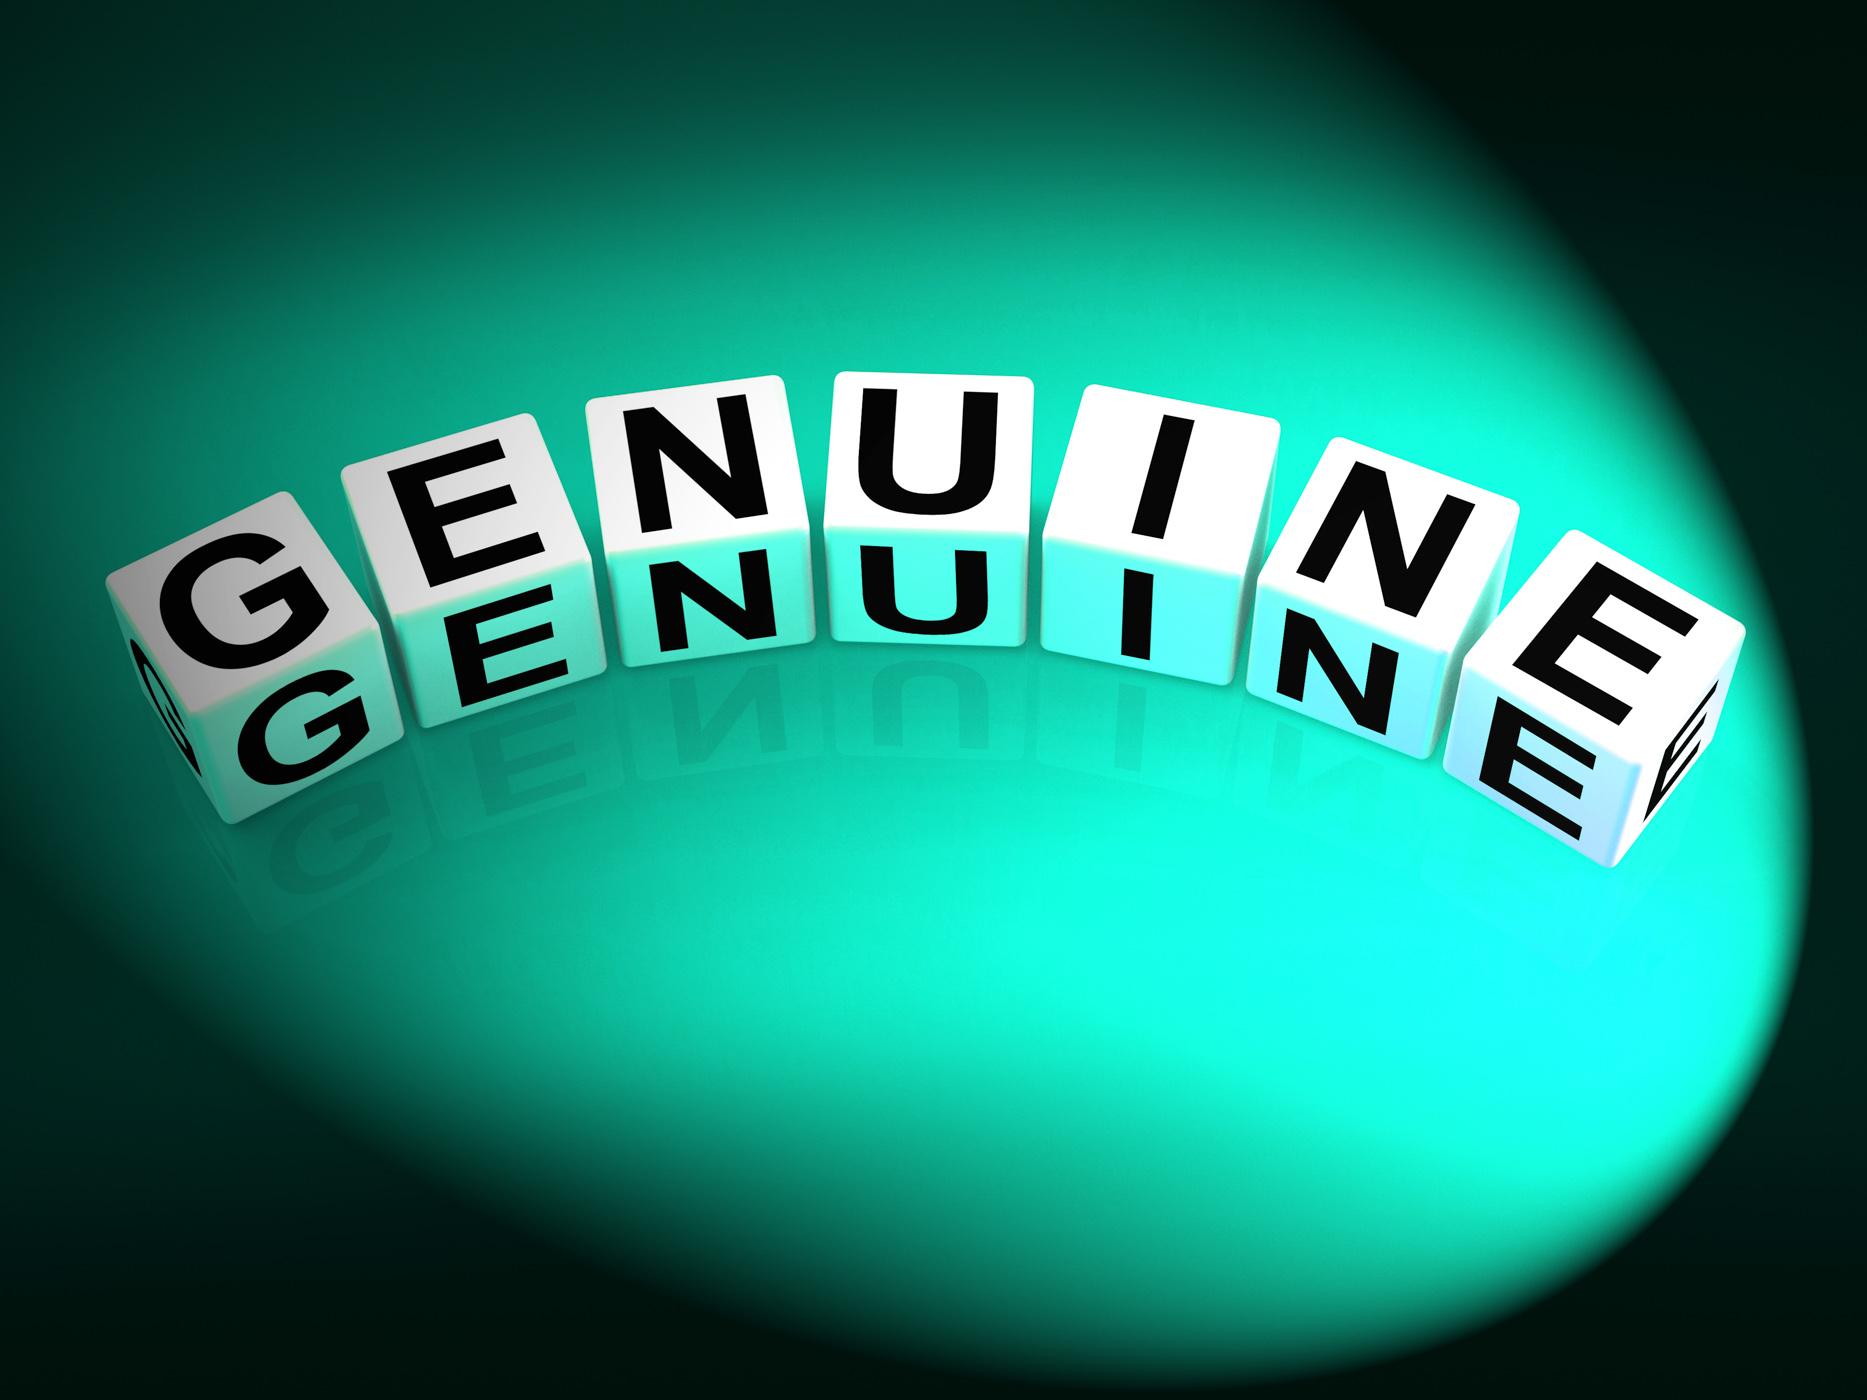 Genuine dice mean authentic legitimate and real photo